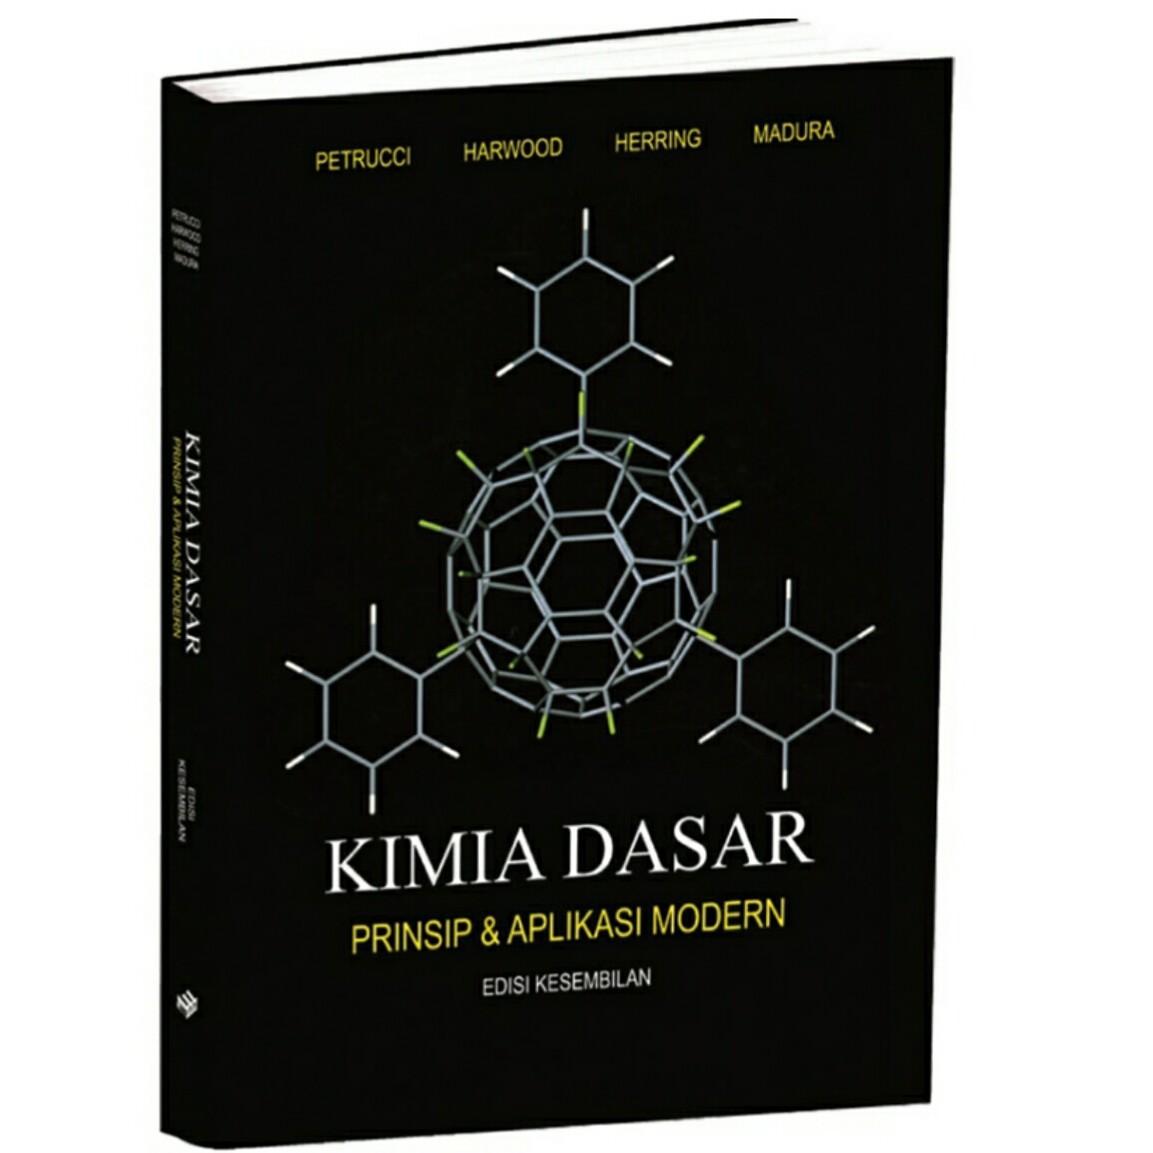 Harga Erlangga Buku Kimia Dasar Prinsip Aplikasi Modern Jl 1 Ed 9 Jawa Timur